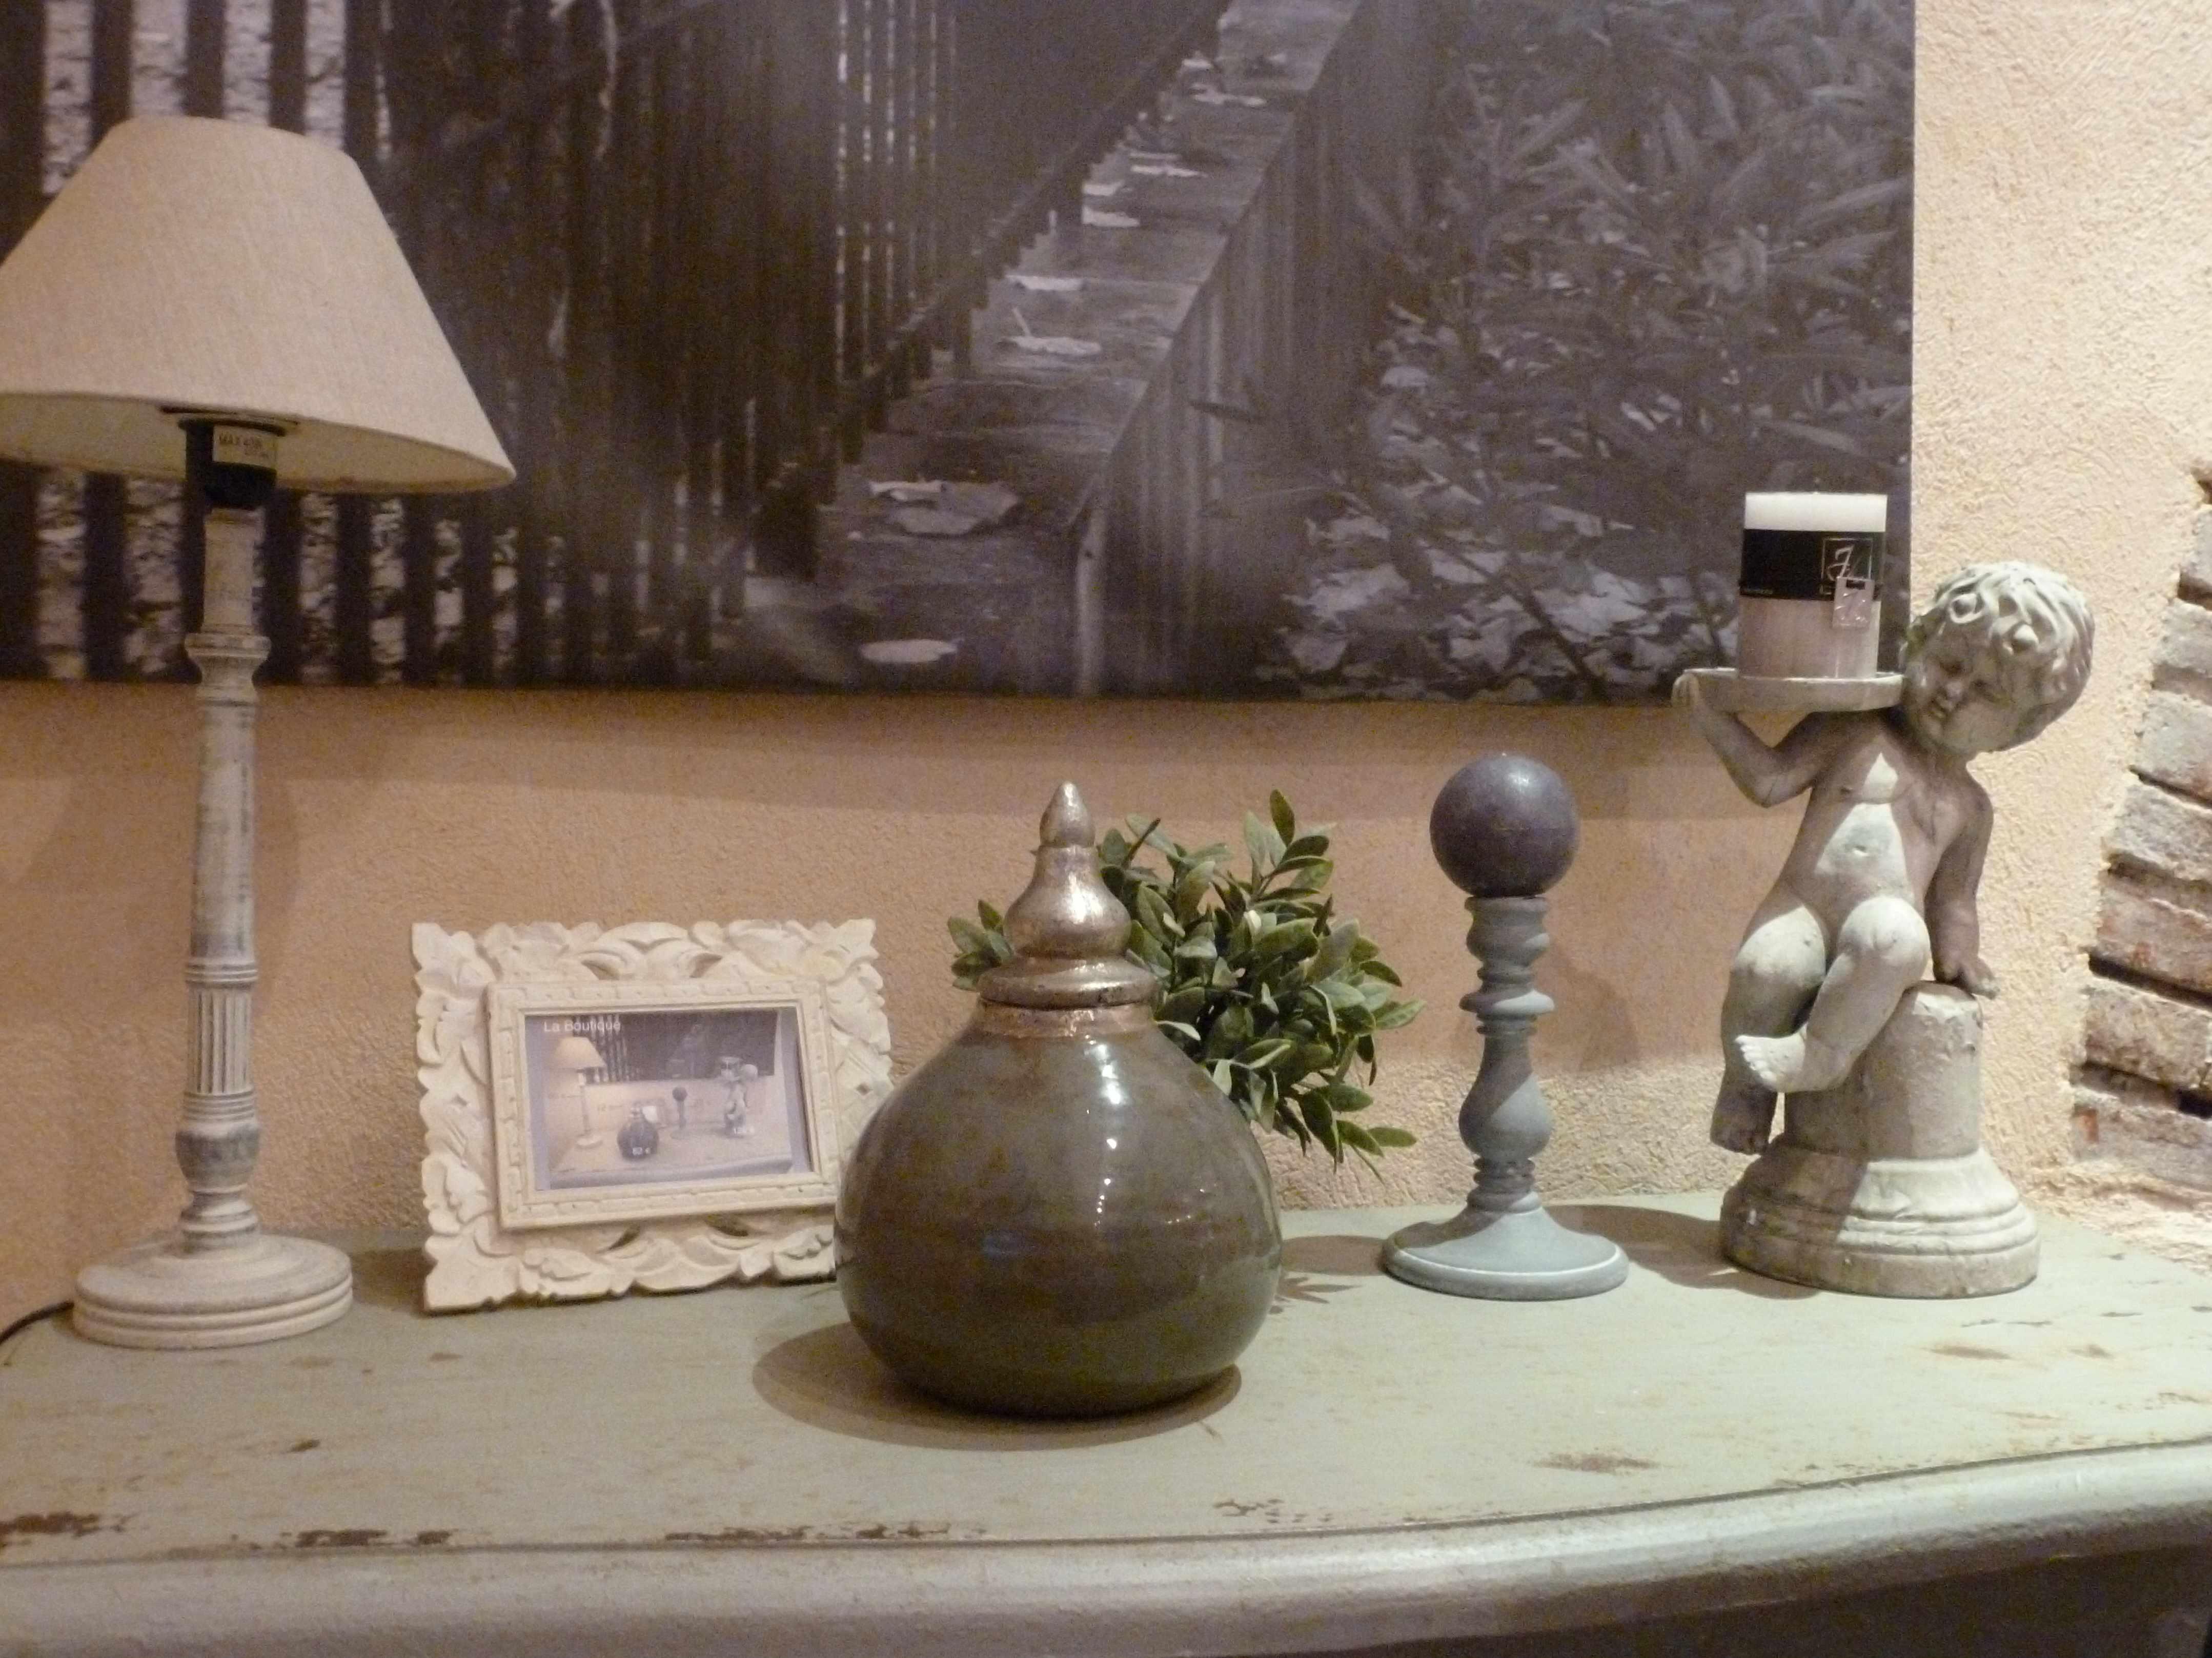 Deco maison de famille dco trs chic maison de famille - Decoration maison de famille ...